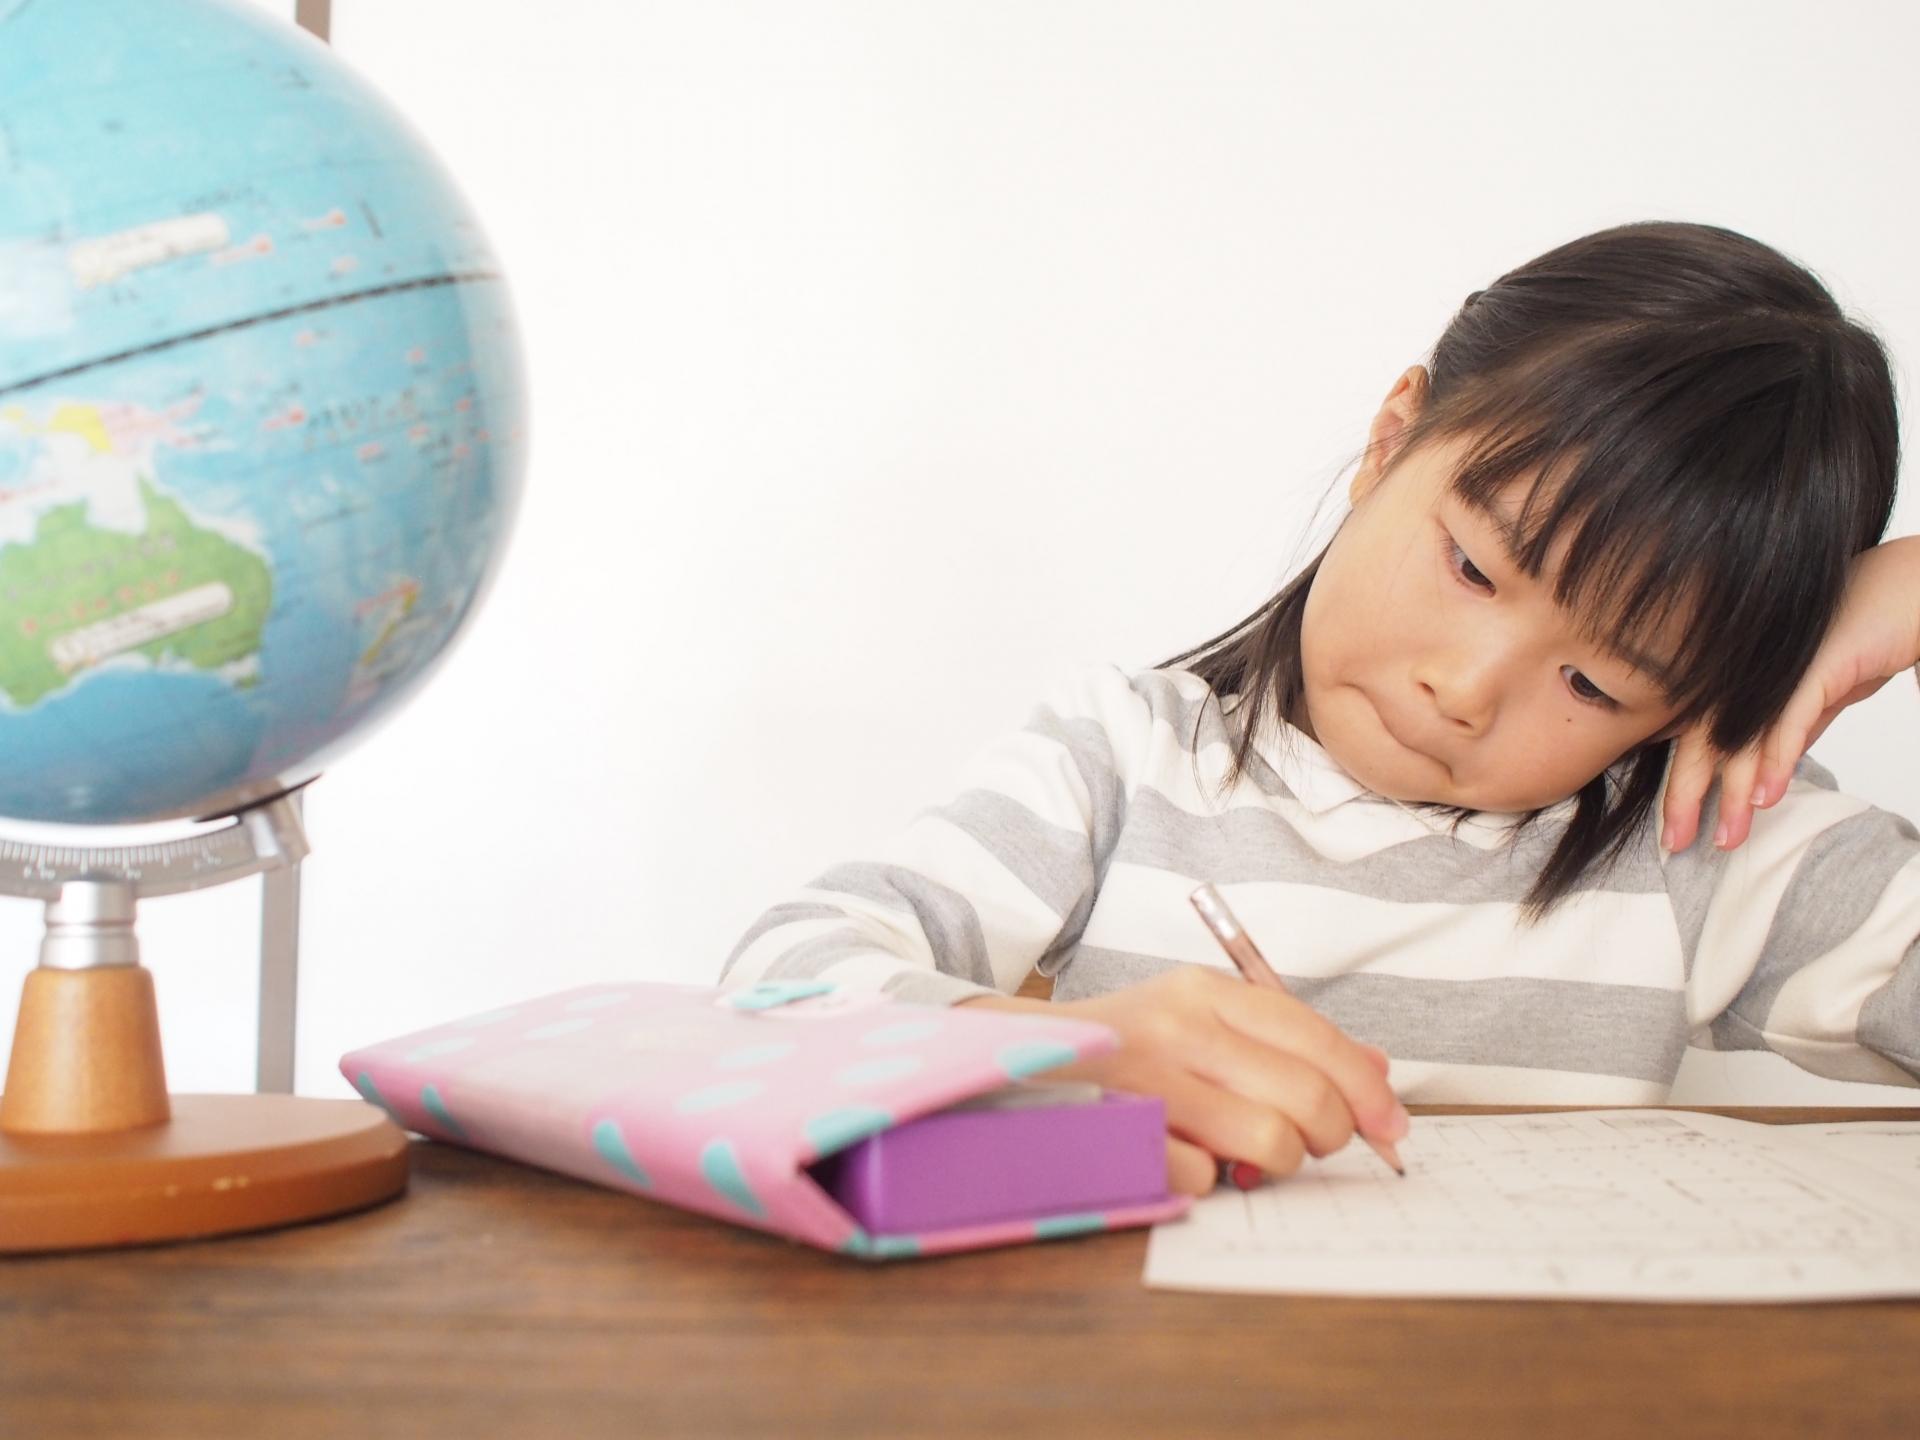 「読書感想文」が簡単に書けるようになる!ムリなくできる親のサポート法の画像1